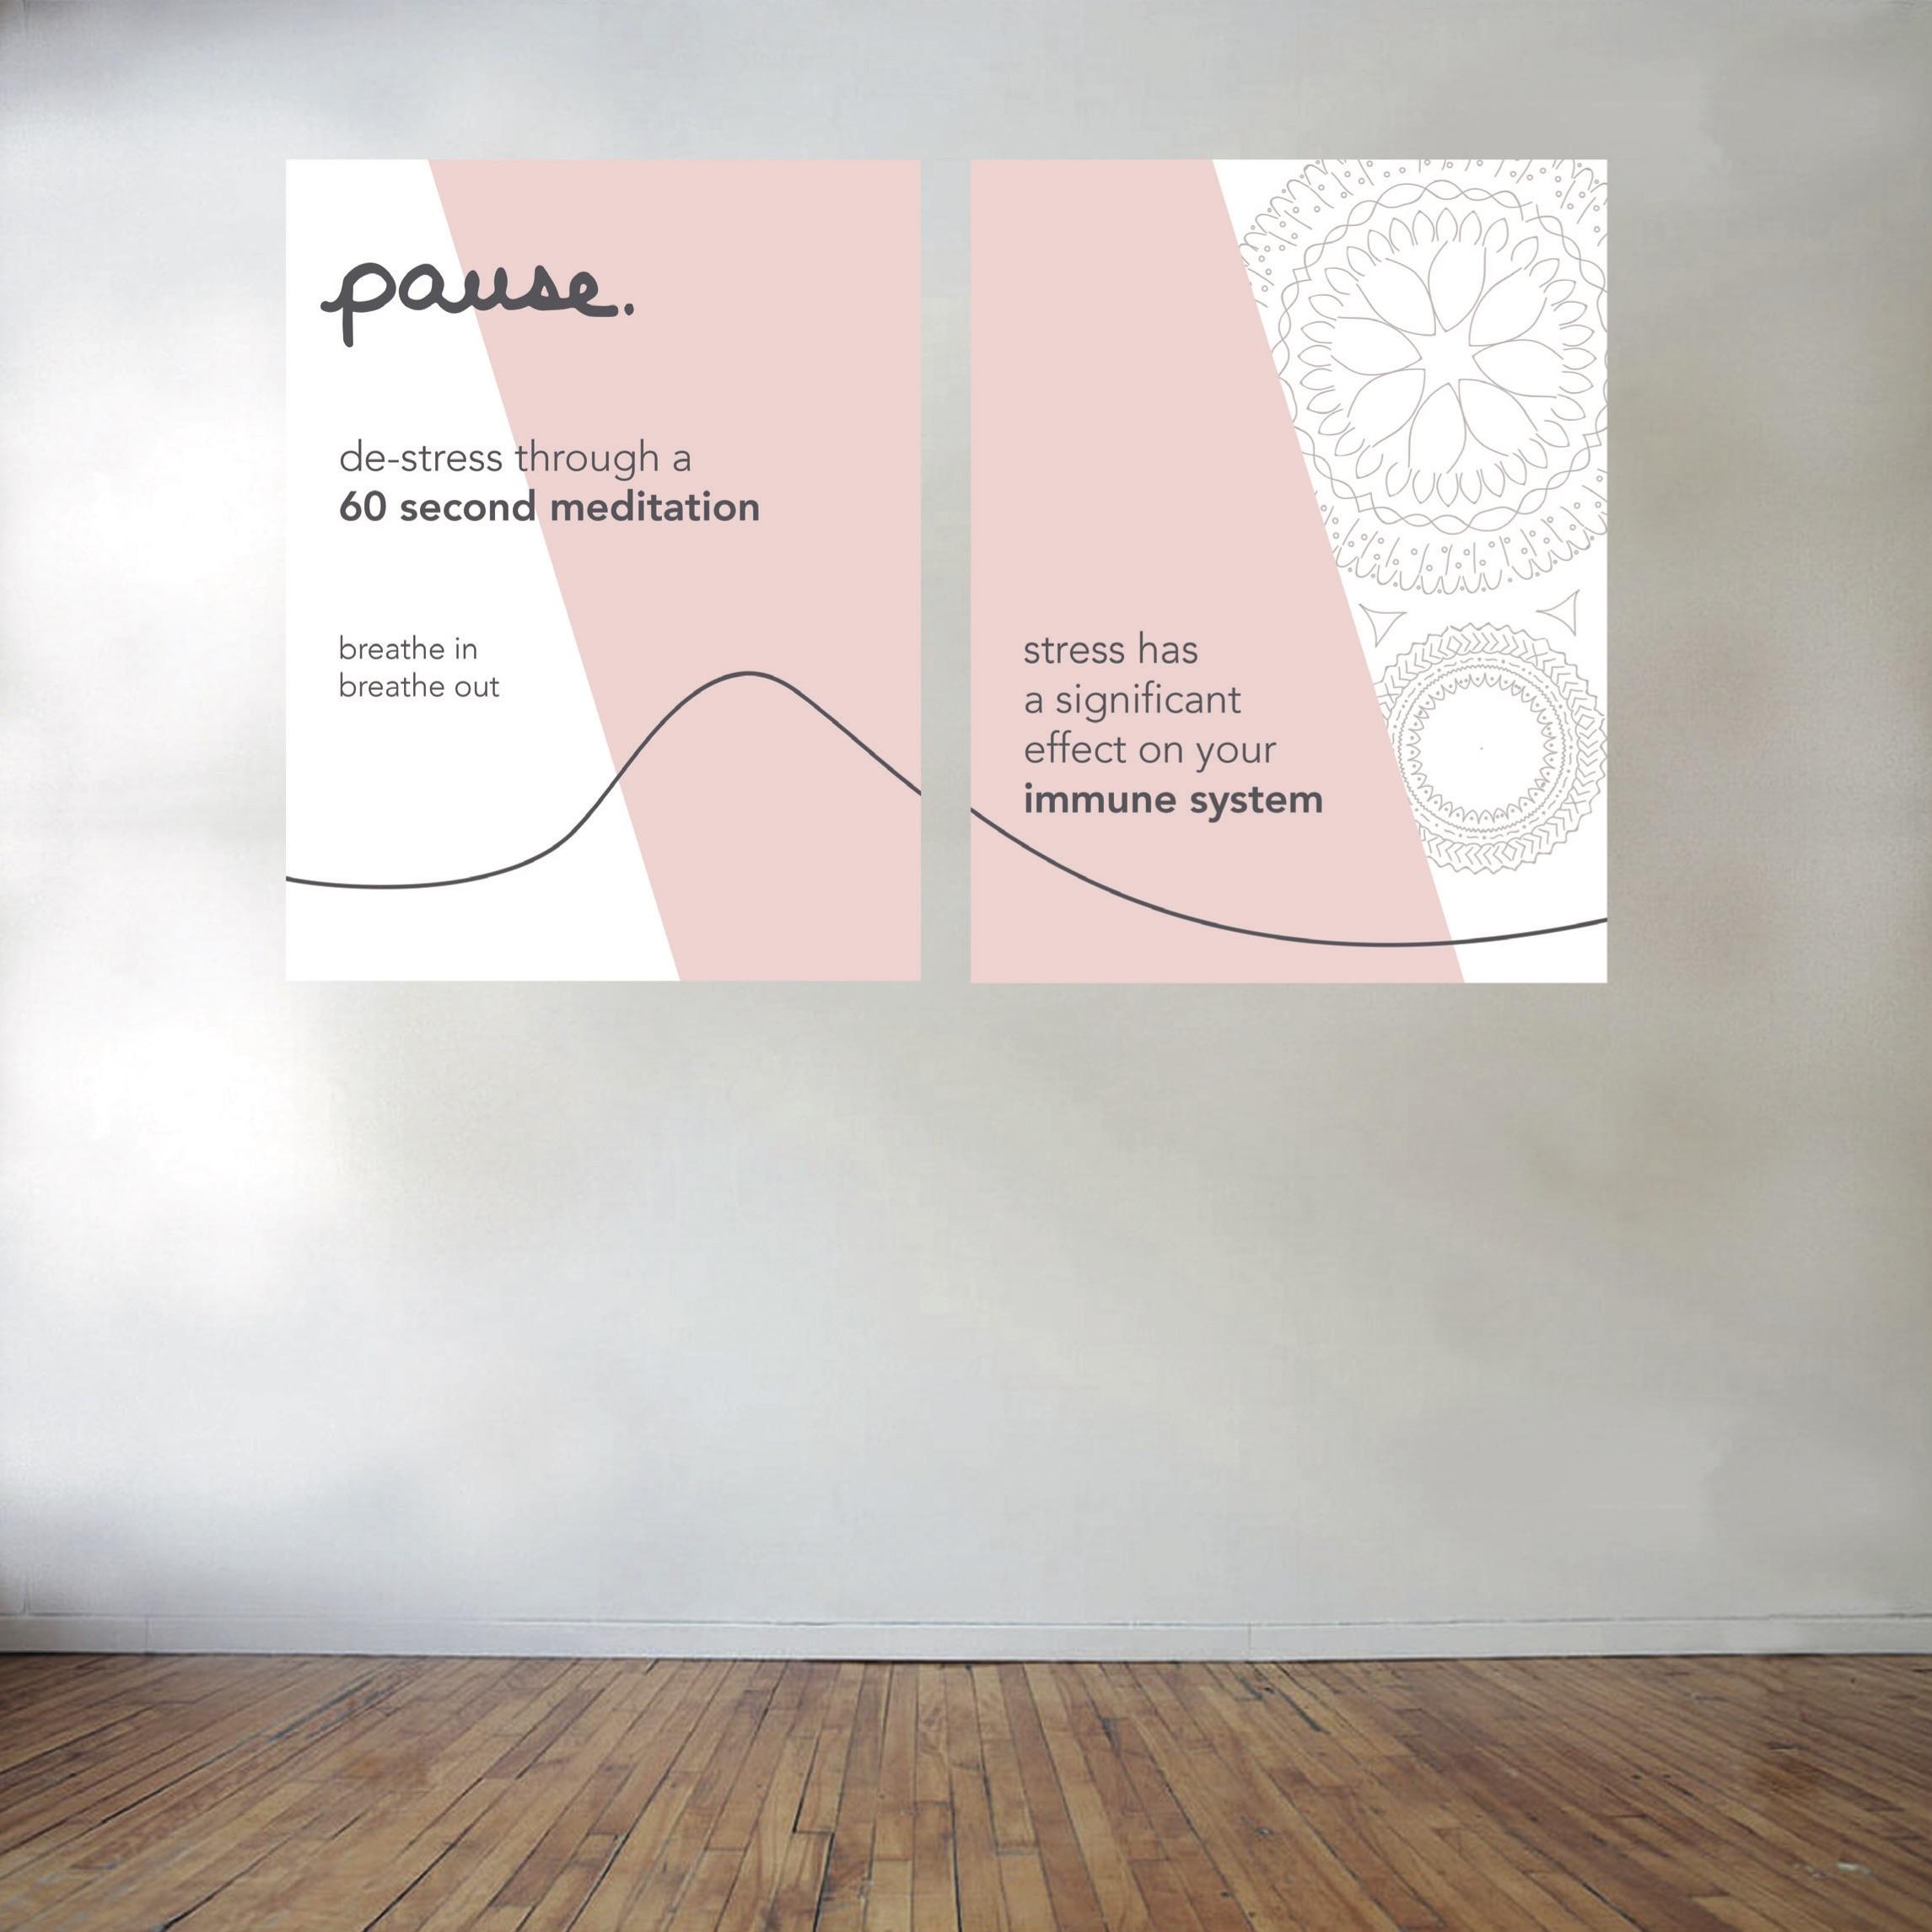 <i>Pause.</i>